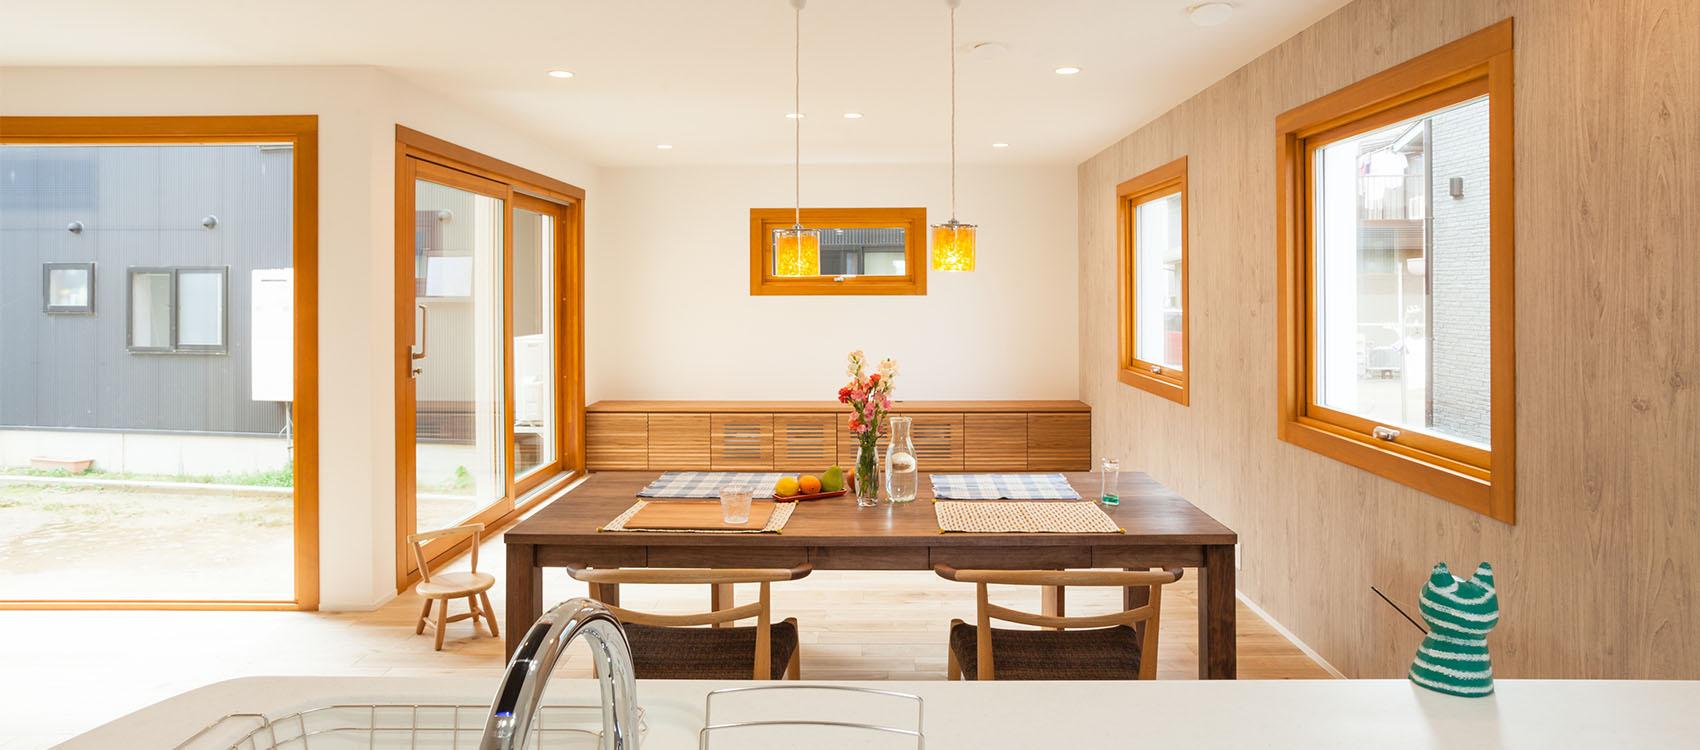 新潟県長岡市の注文住宅・新築・注文住宅・デザイン住宅なら・身体と環境に優しい健康住宅を建てる加藤建築。全棟小さなエアコン1台の冷暖房で1年中快適に過ごせる、夢のような家づくりを実現しています。一年中快適で健康、オシャレな大きな窓、家族が明るく快適に子育てしやすい住宅を心がけています。